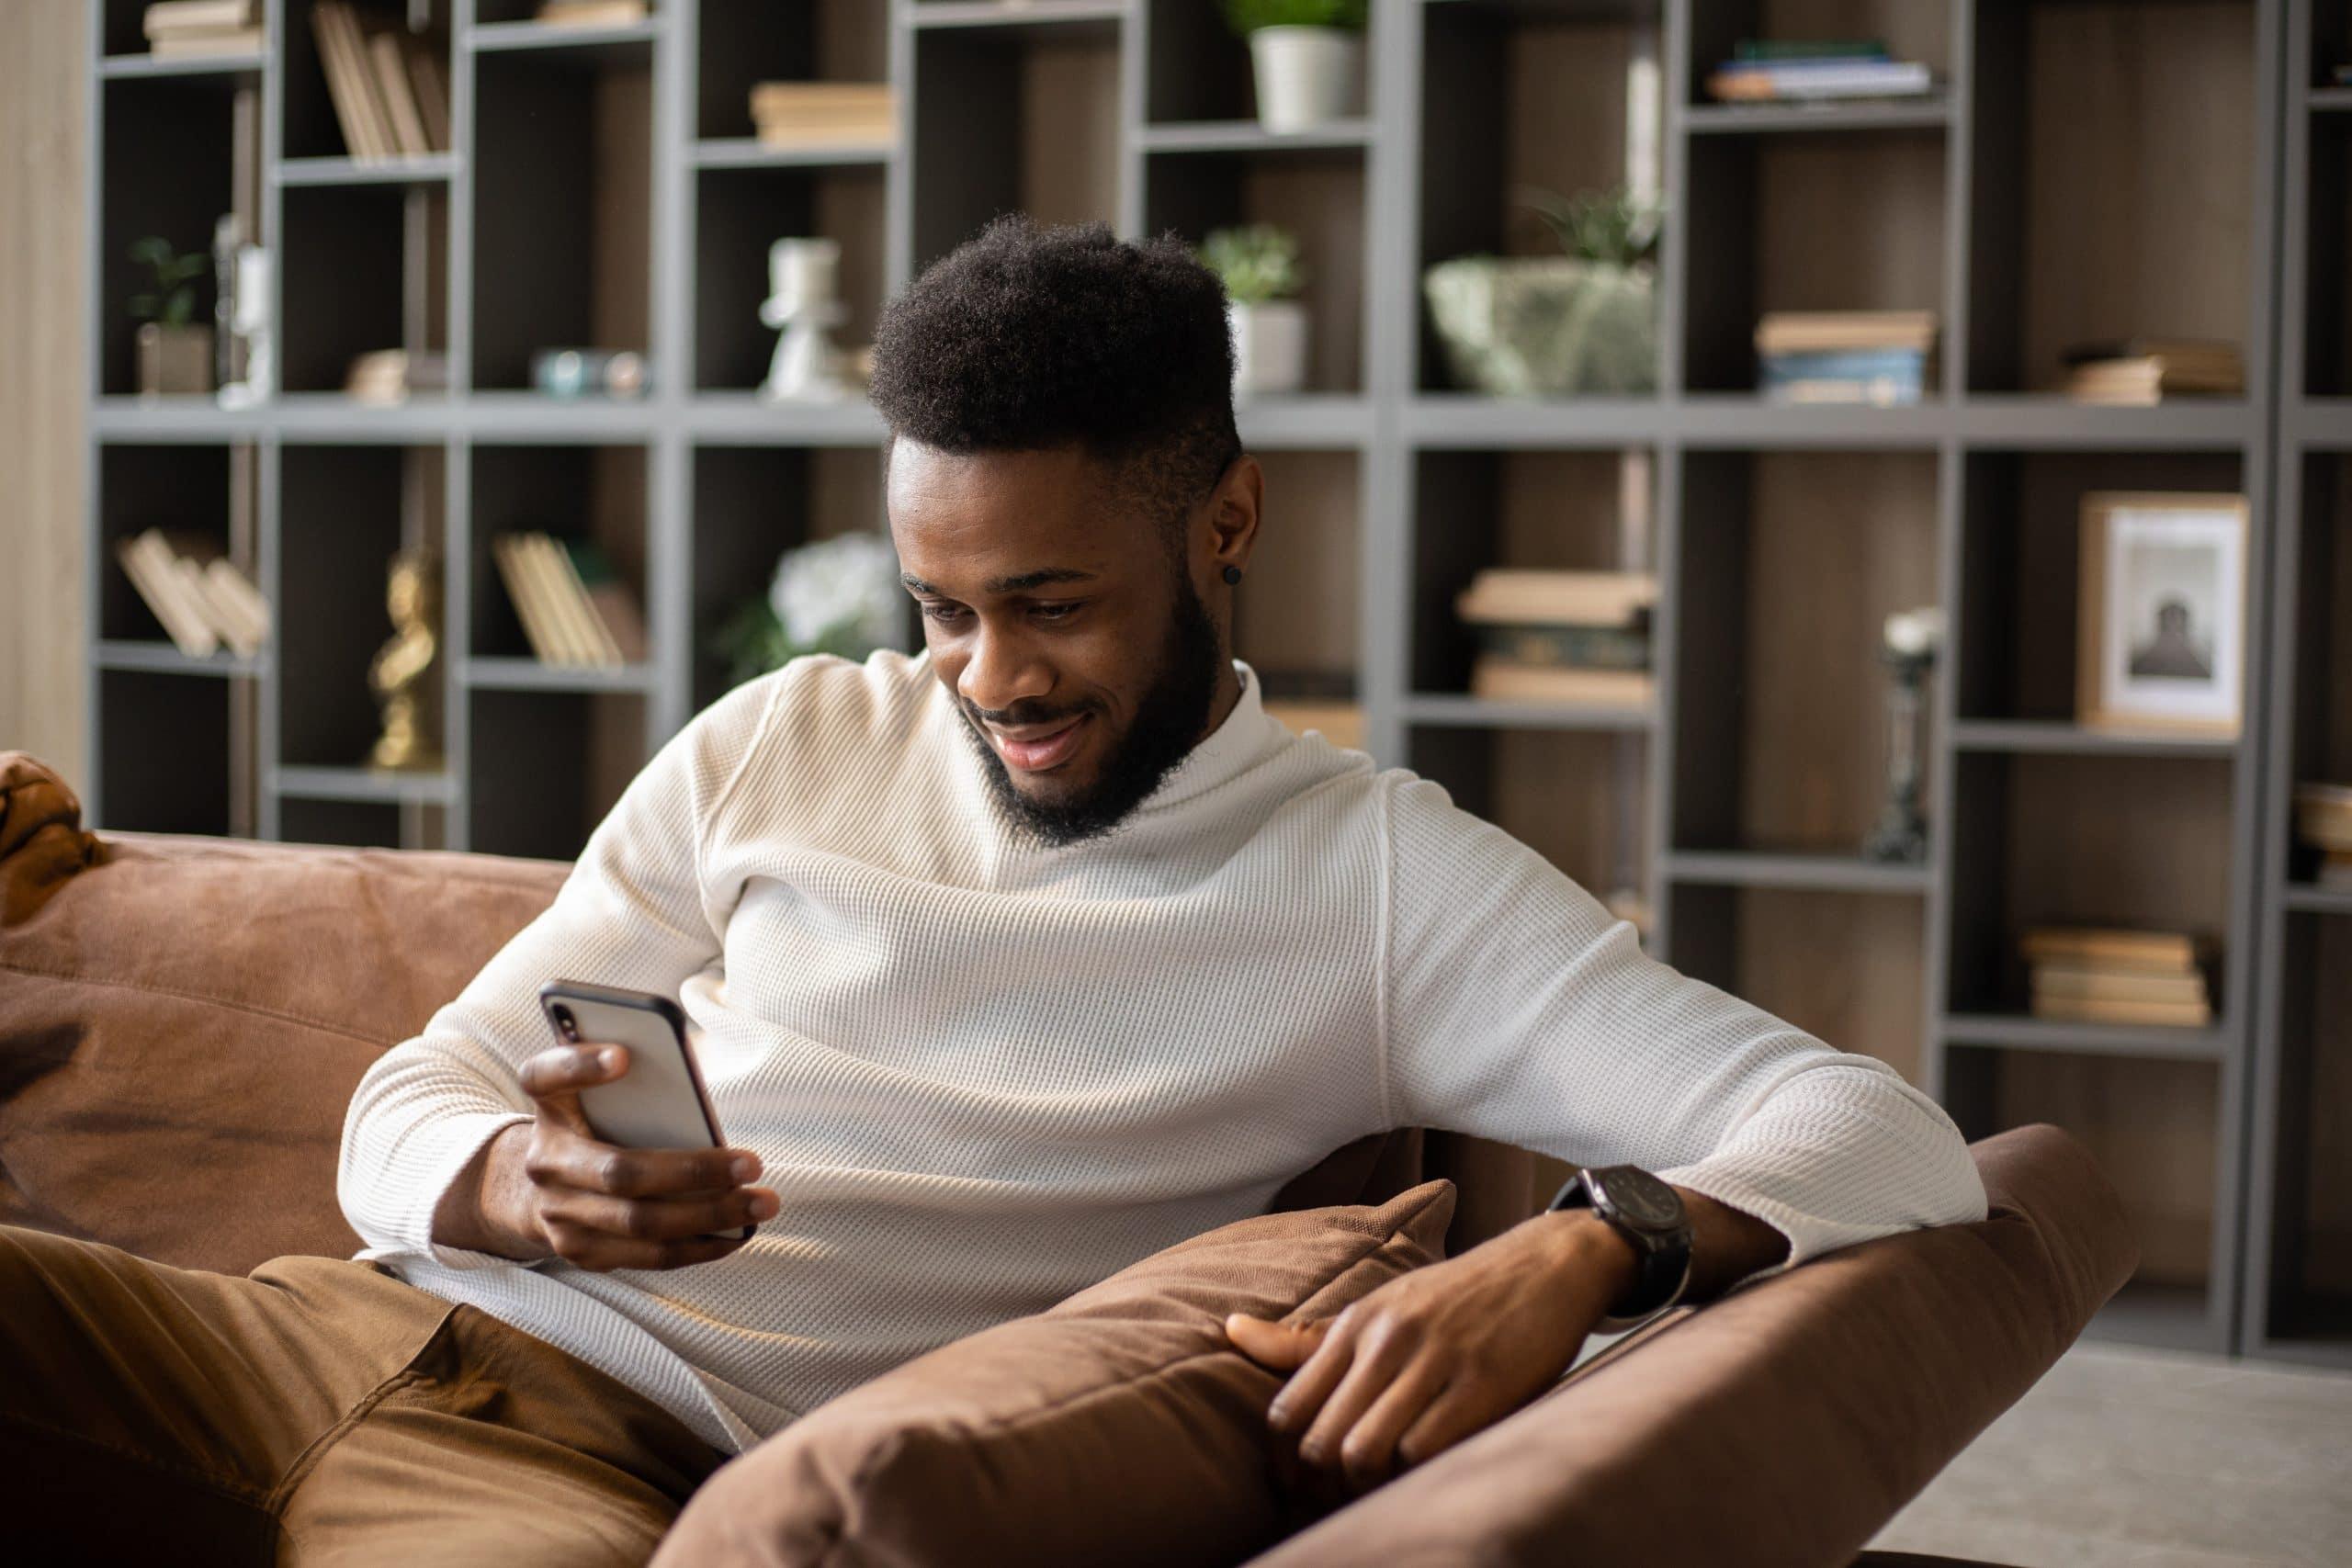 Un homme regarde un film sur smartphone